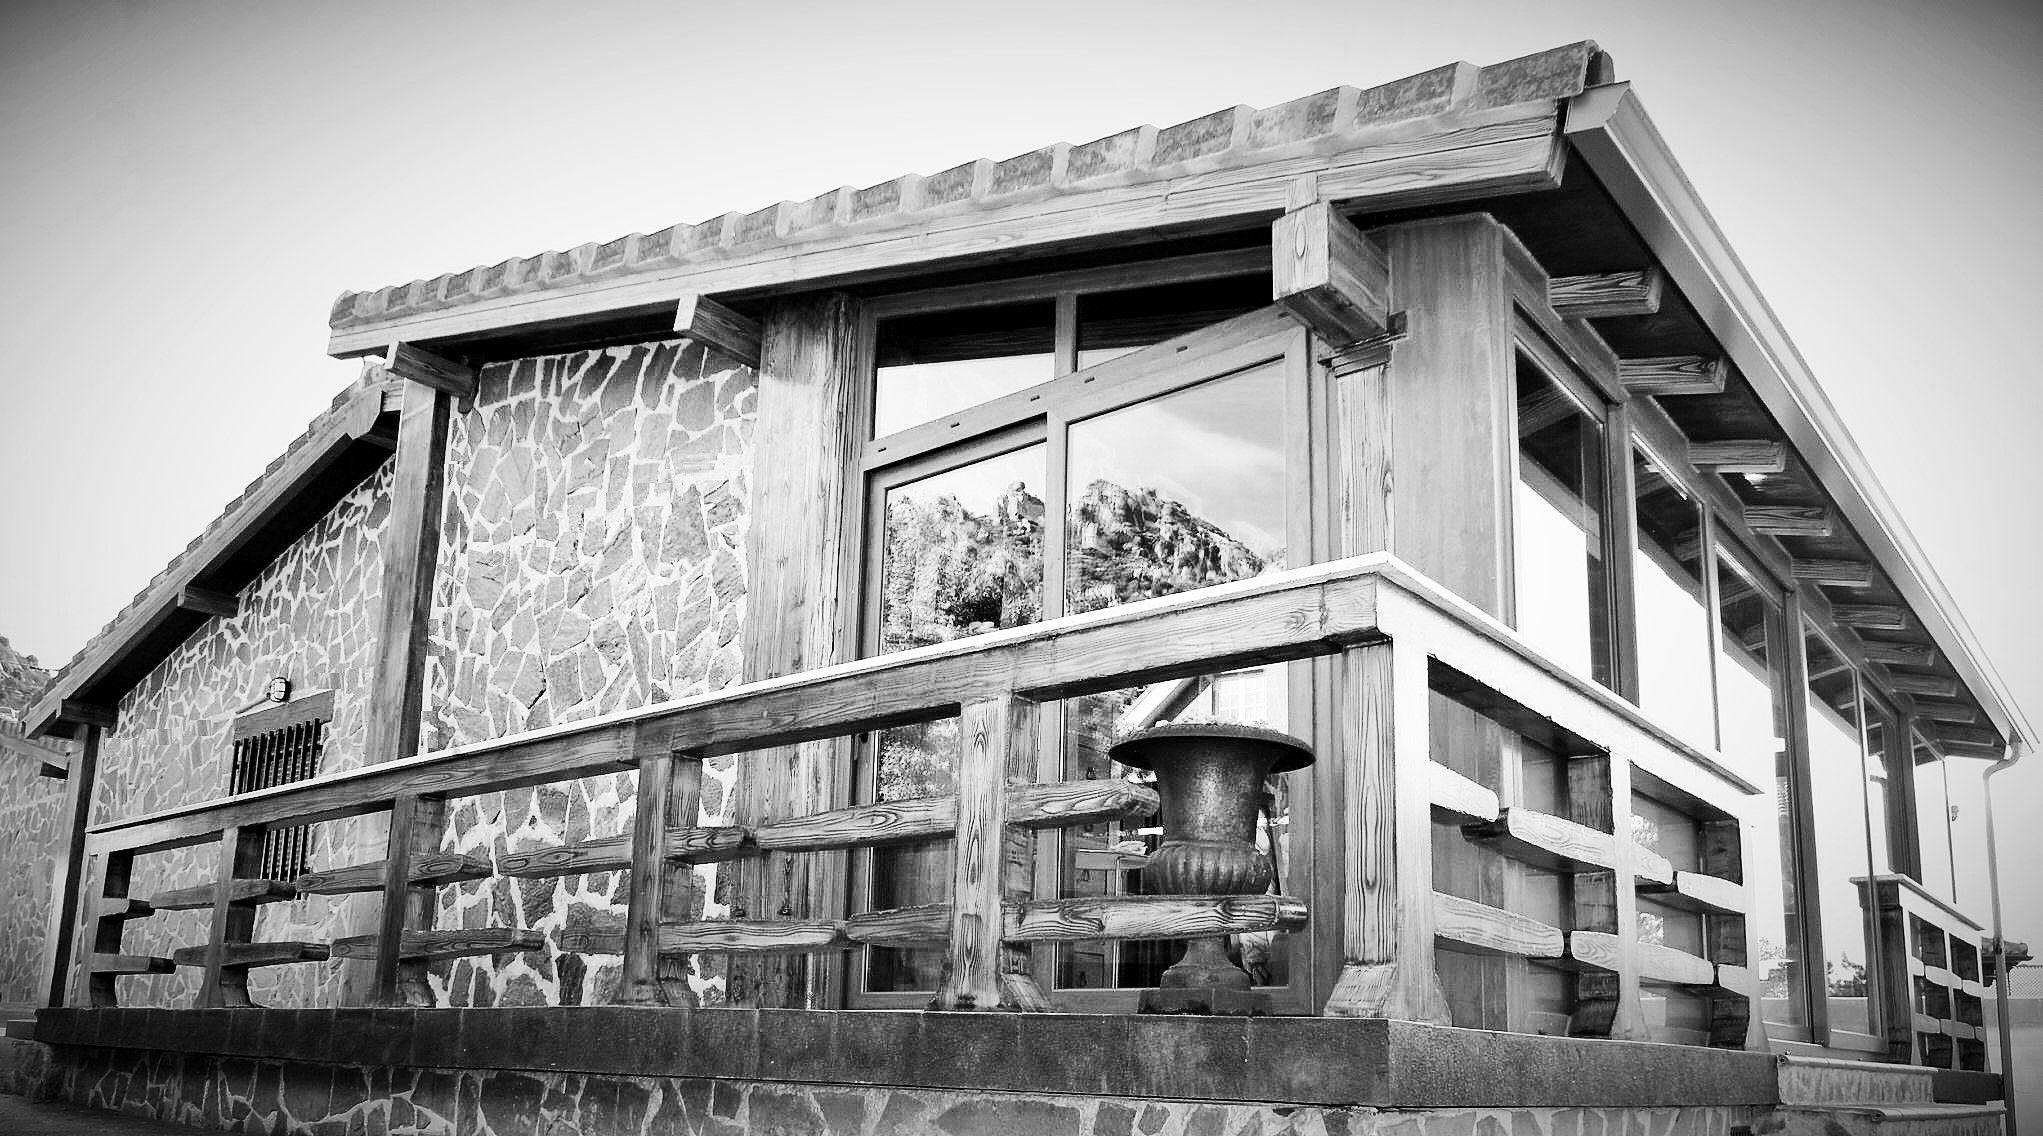 Casa prefabricada en byn - Casas prefabricadas madrid ...